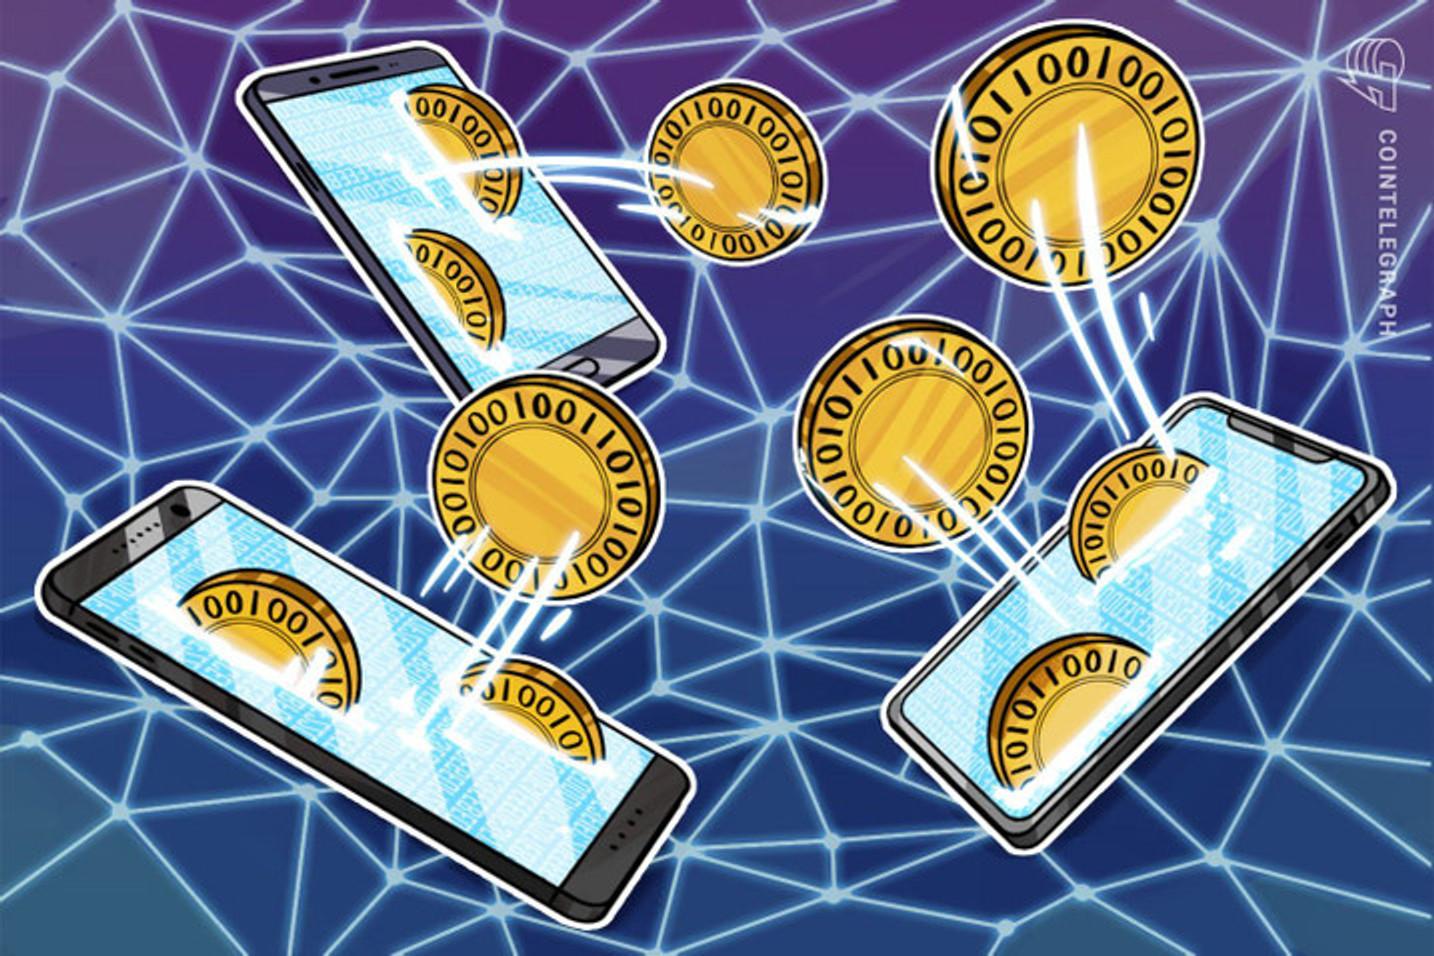 La Asociación Dominicana de Empresas Fintech destacó beneficios de los pagos digitales